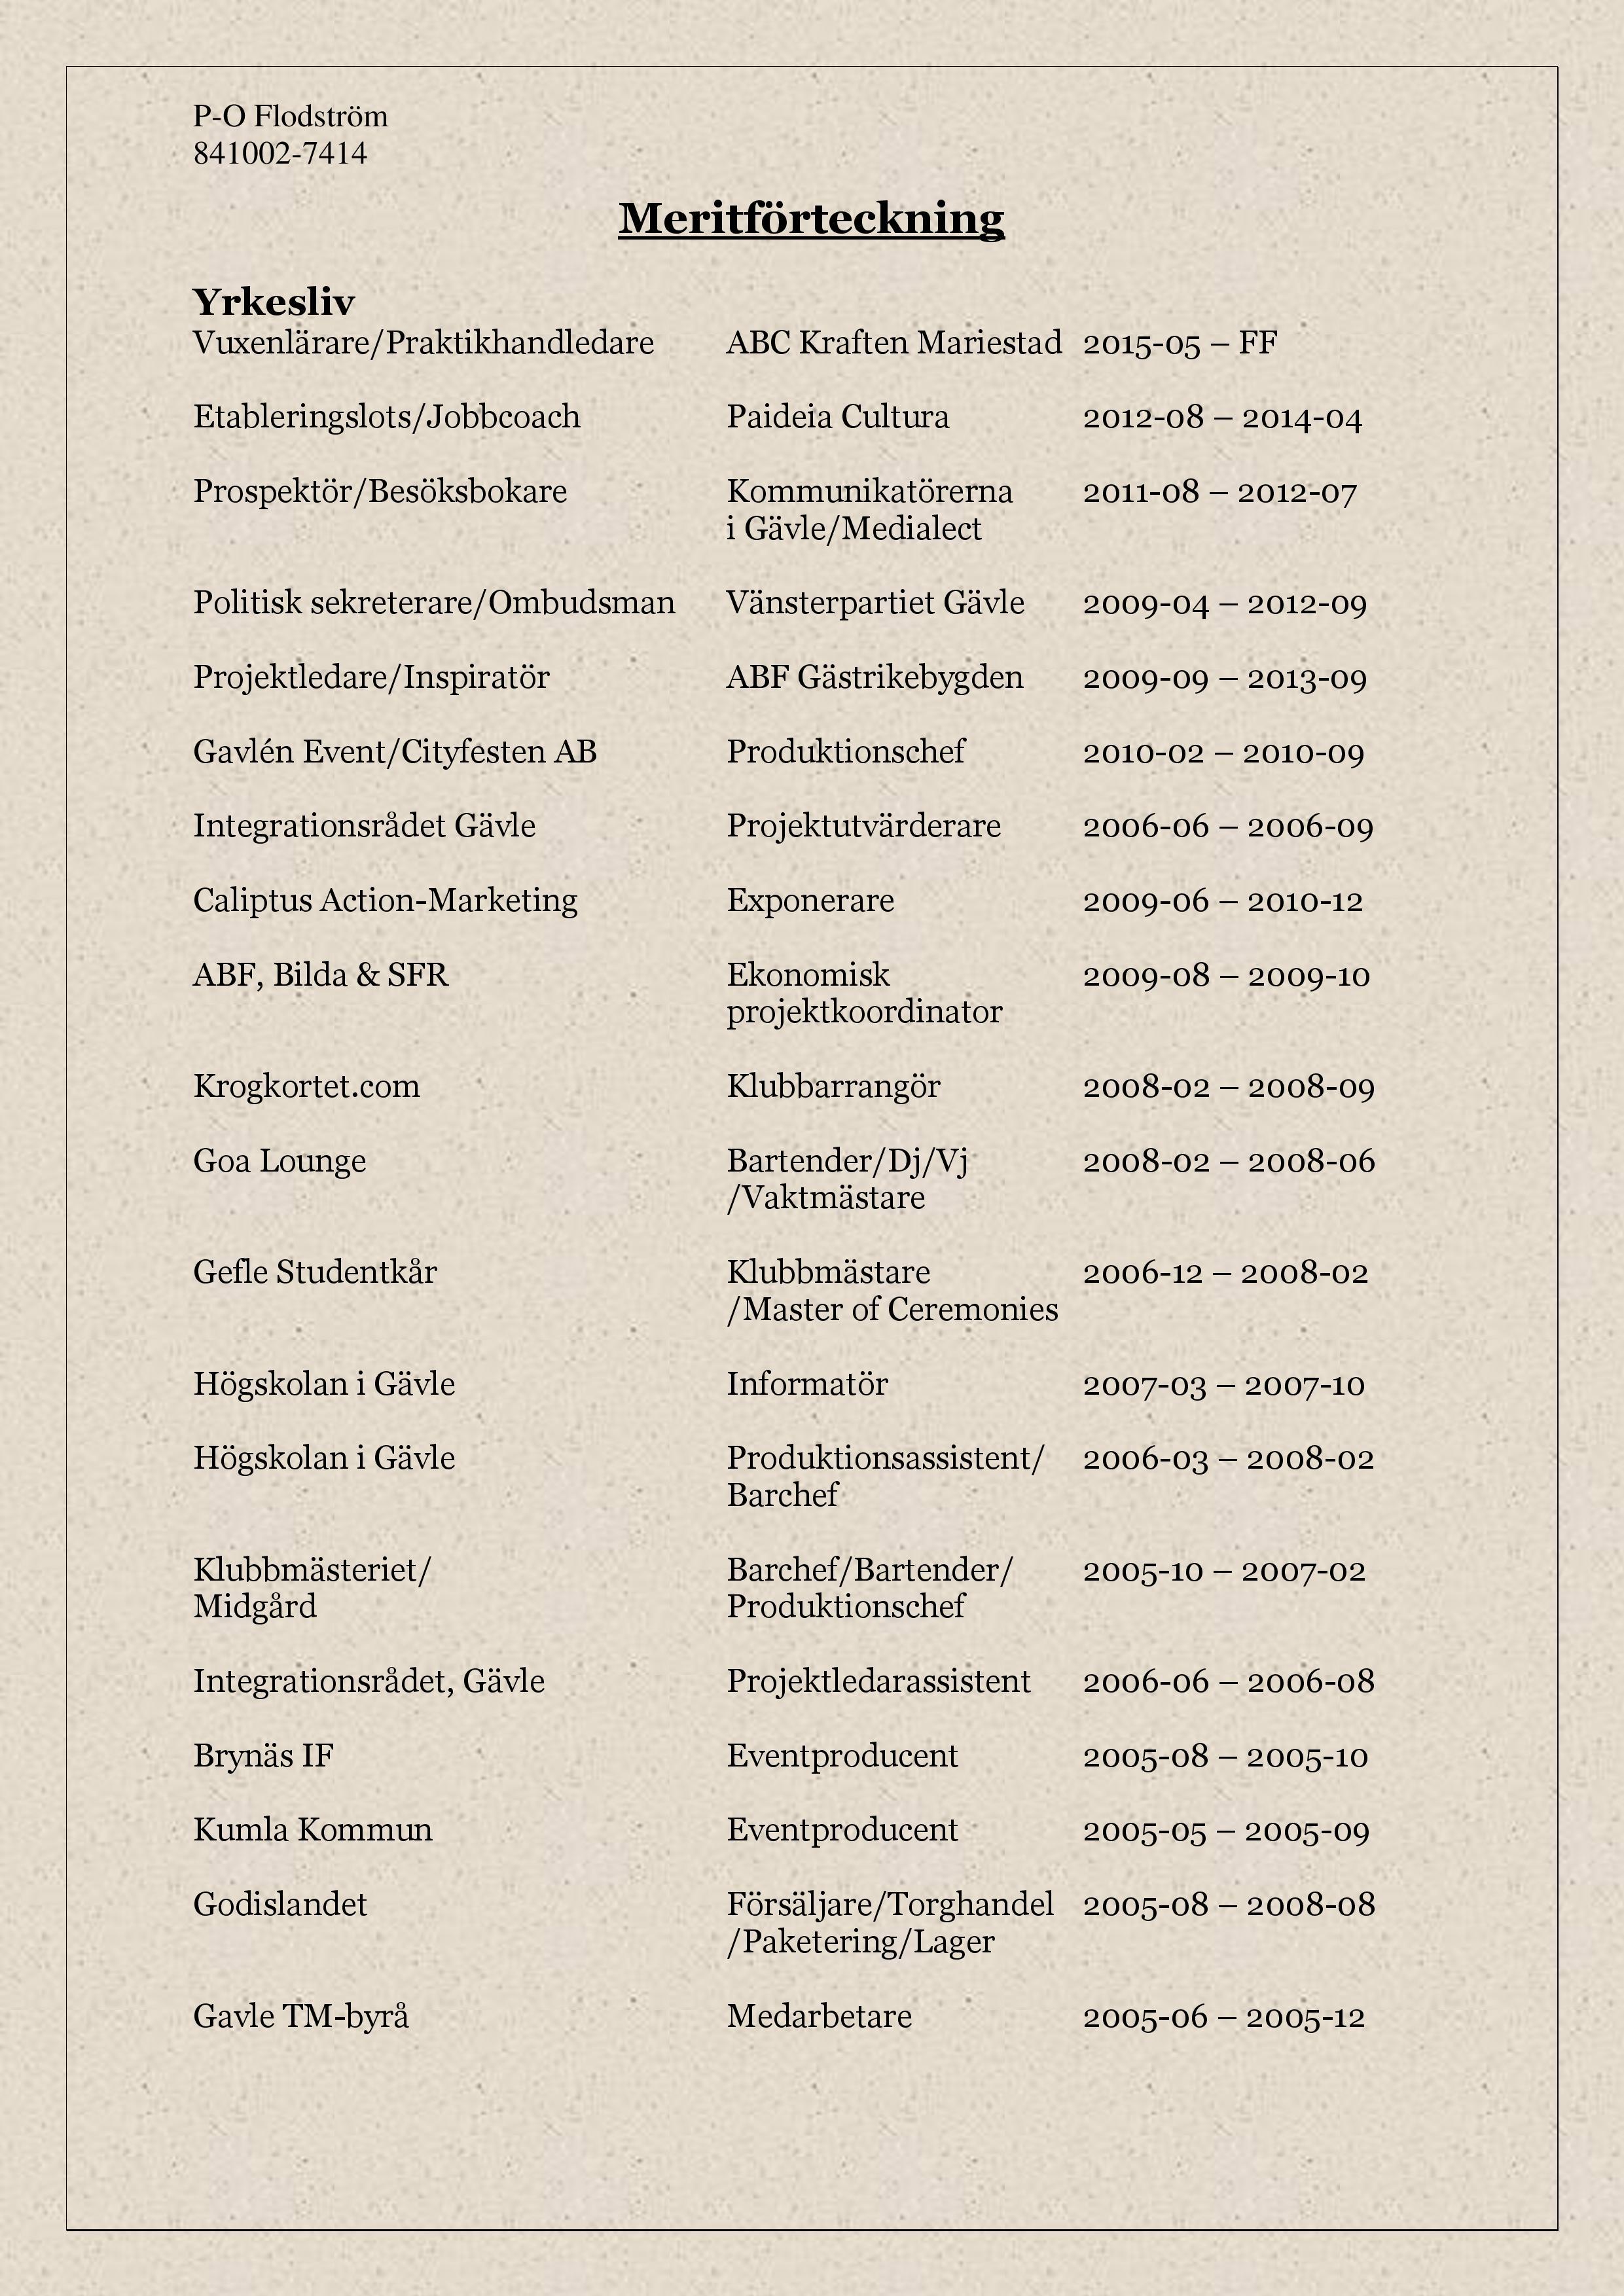 betyg-certifikat-och-komplett-meritlista-for-p-o-flodstrom-2016-page-009